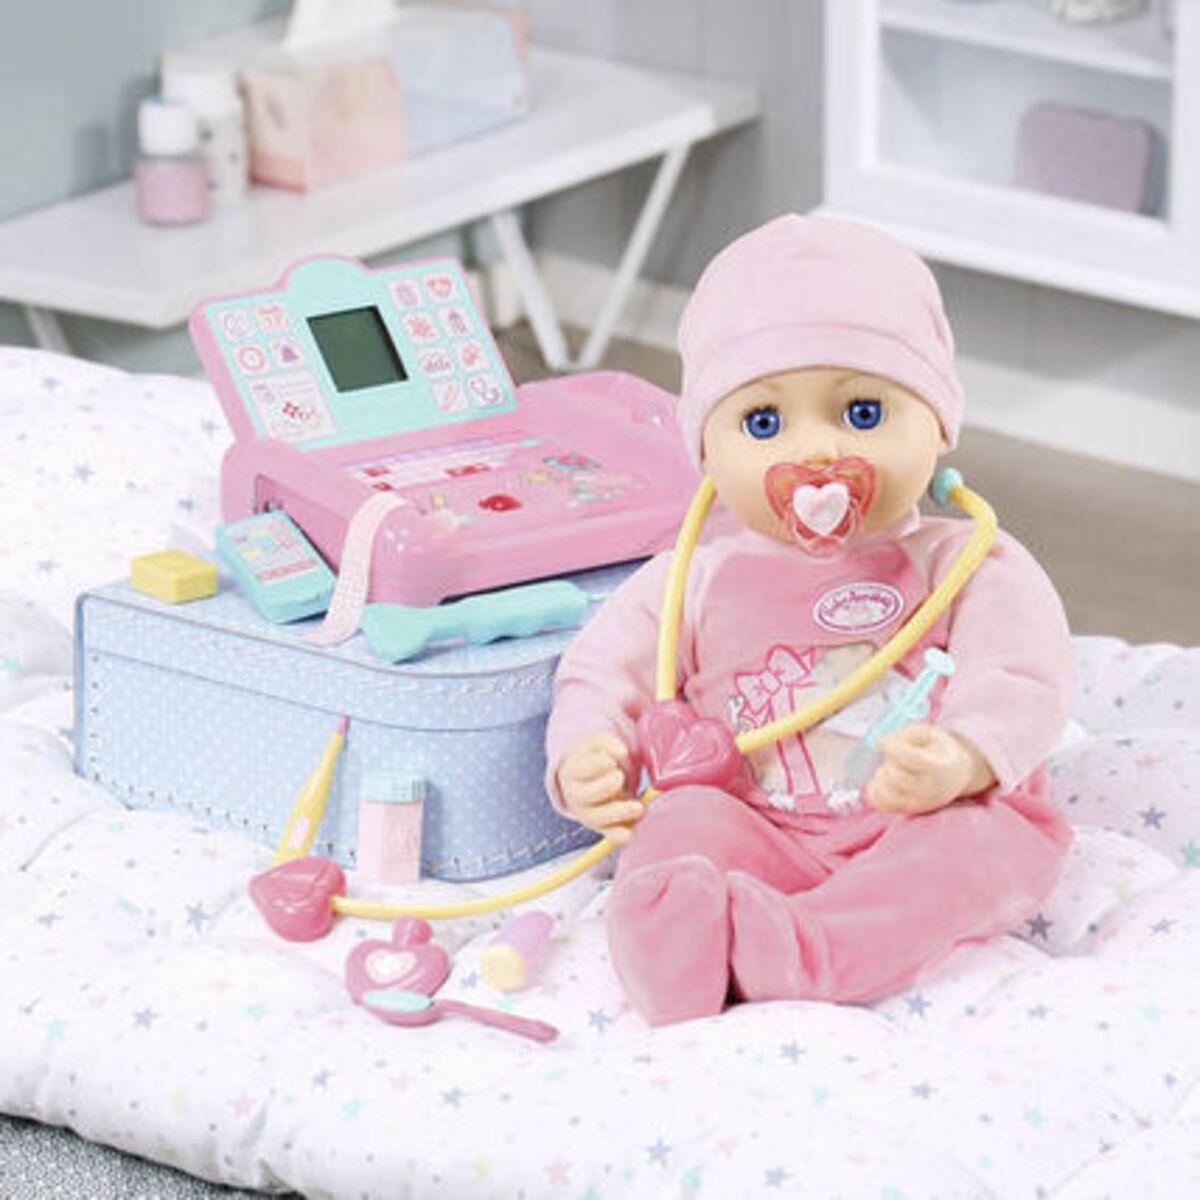 Bild 2 von Zapf Creation® Baby Annabell® Scanner